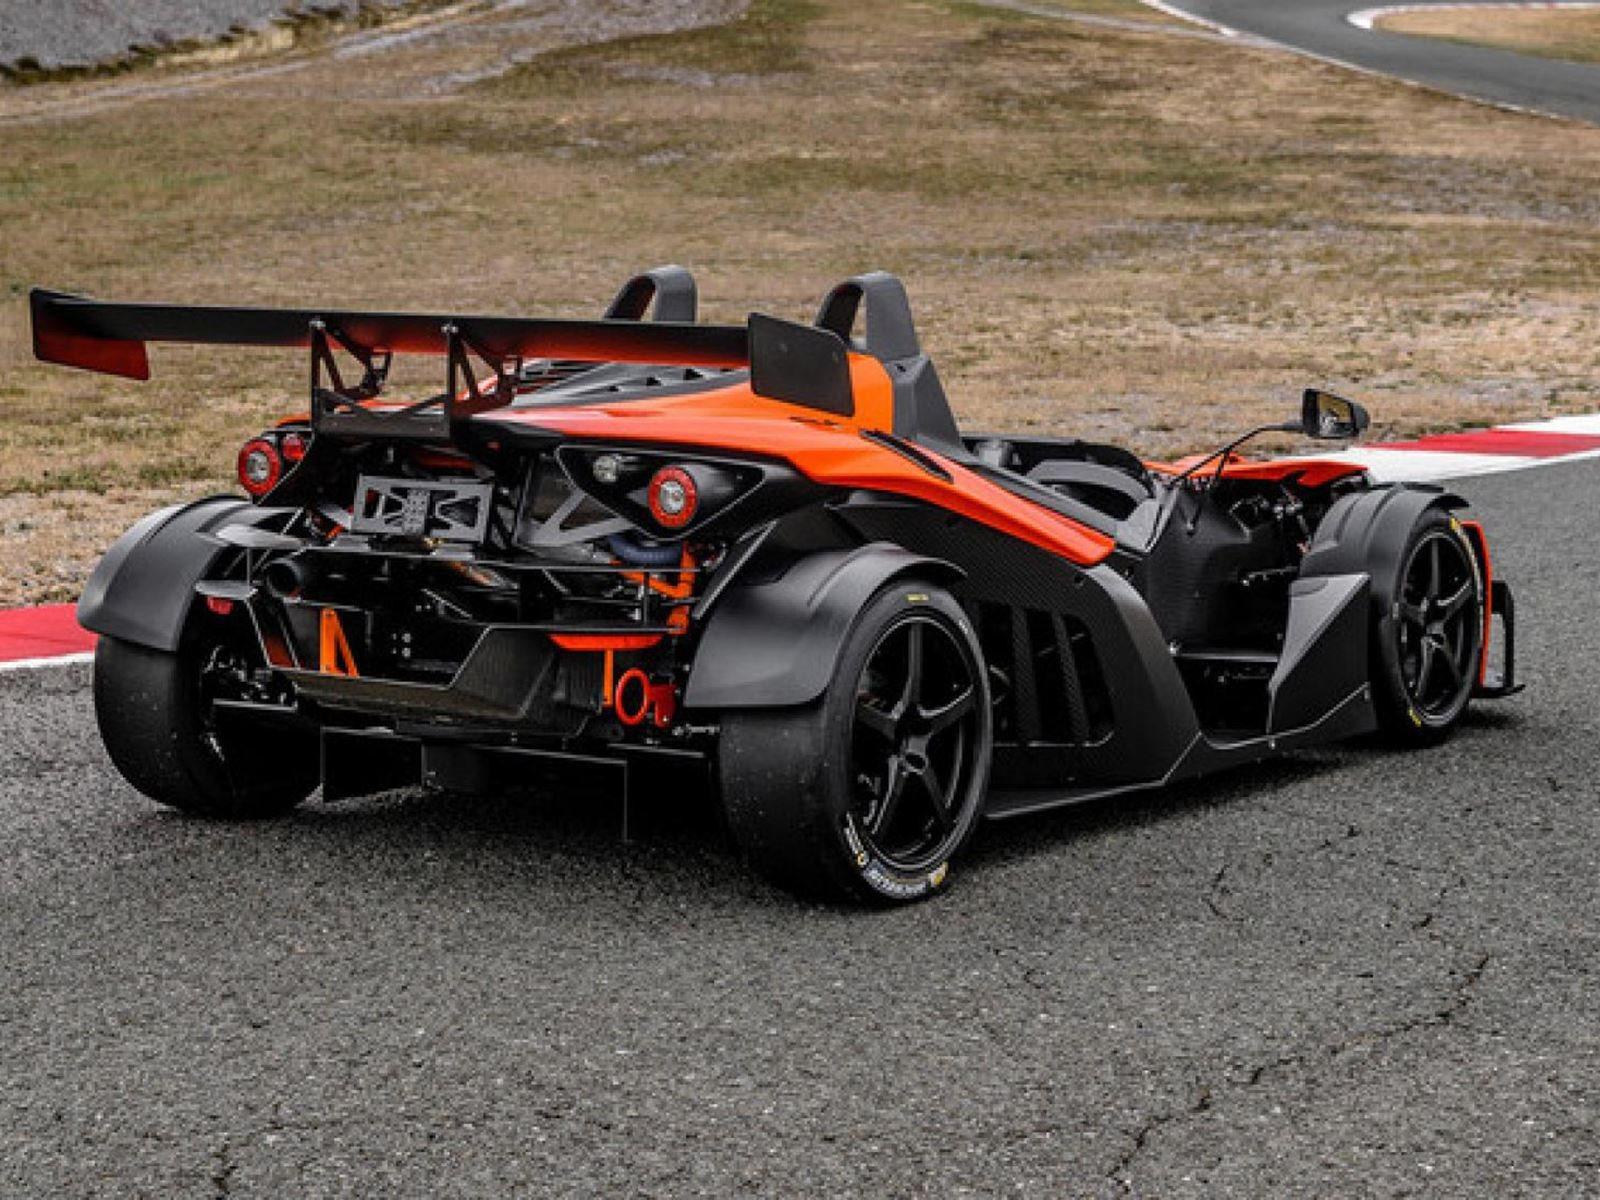 KTM X-Bow - одна из самых уважаемых «игрушек» на дорогах, доступных в настоящее время, но если вы хотели купить ее в США, вам нужно было собрать ее как кит-кар, заказав двигатель и корпус отдельно, чтобы обойти регламенты и правила.